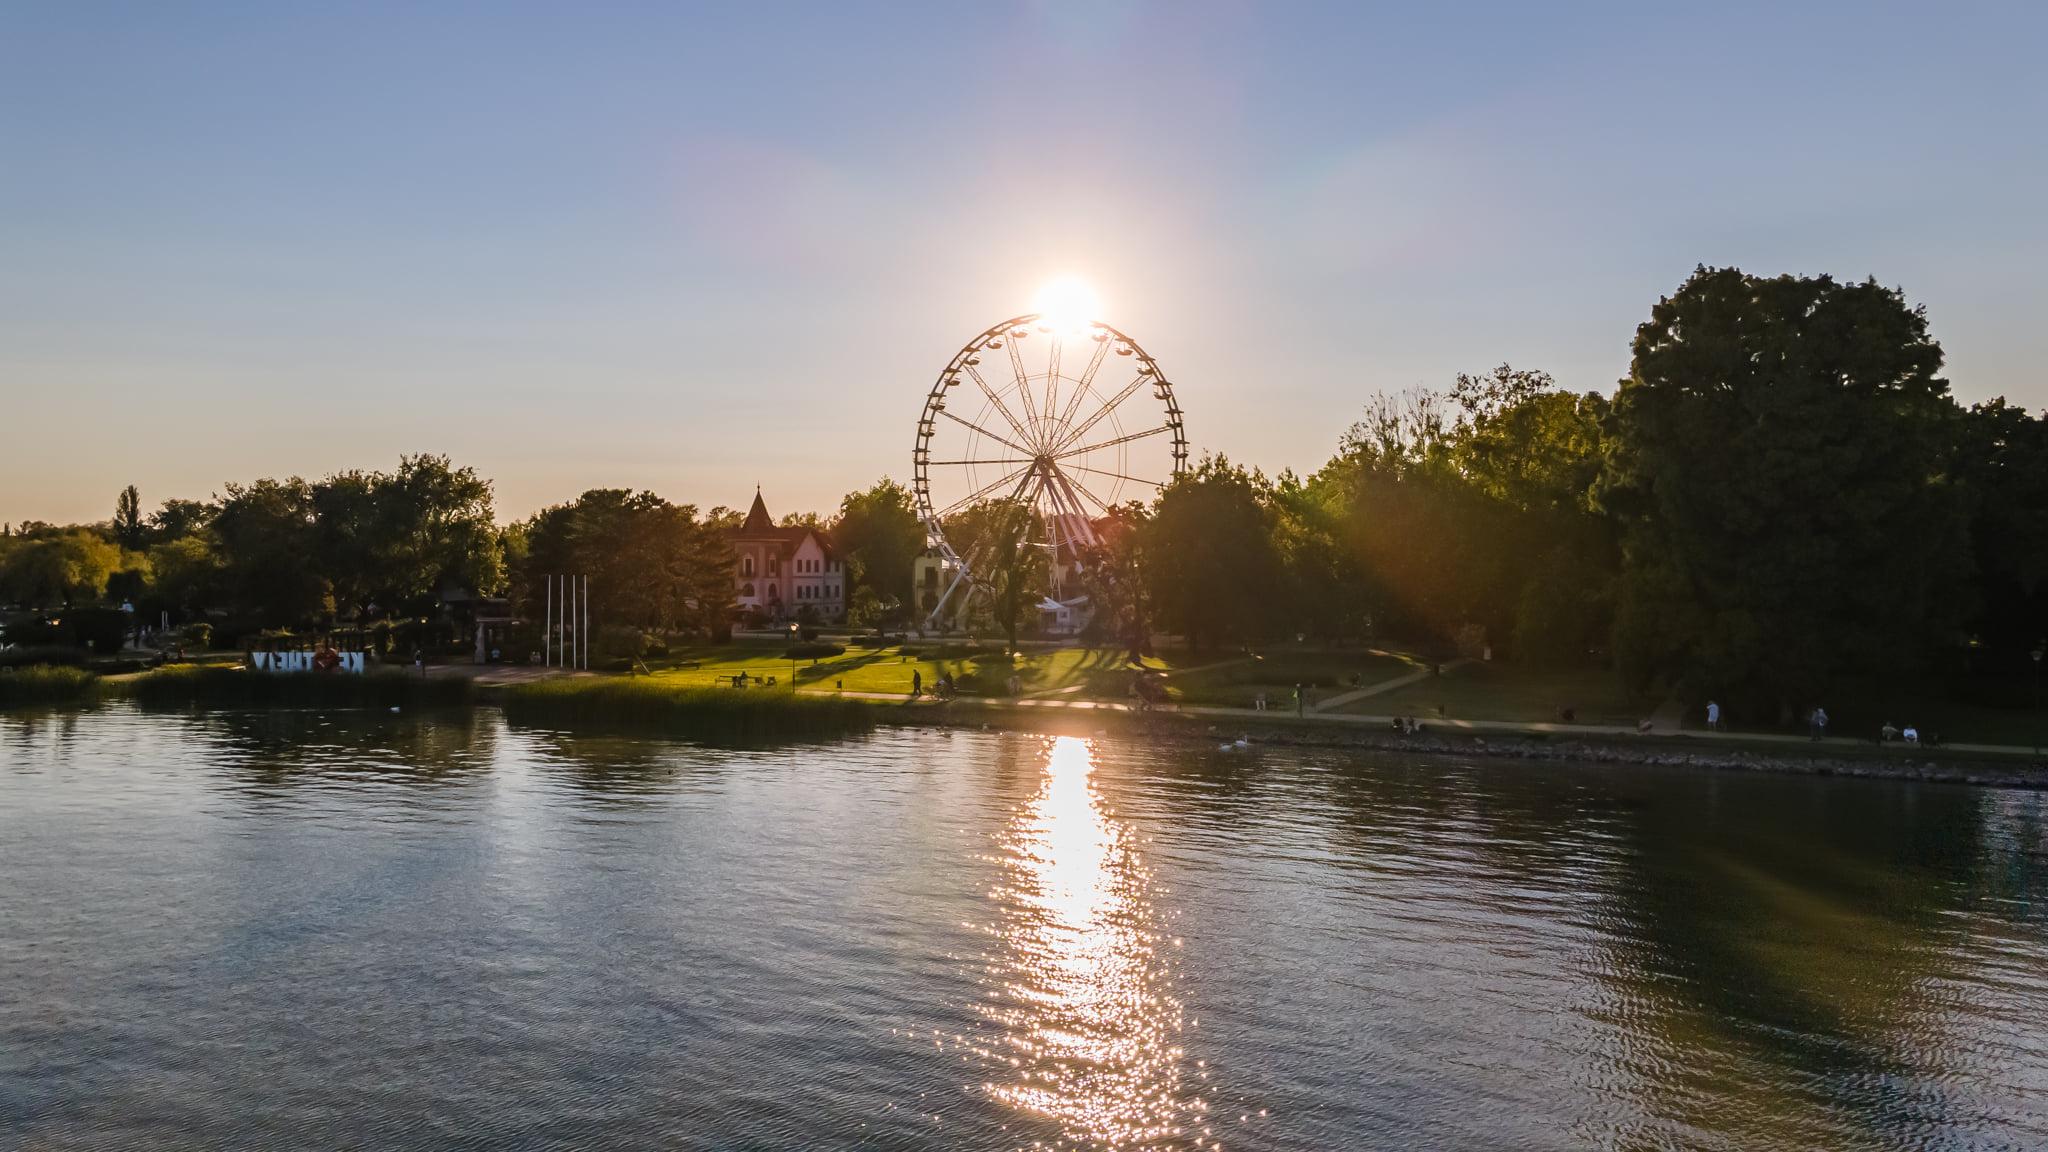 Keszthely Ferris Wheel